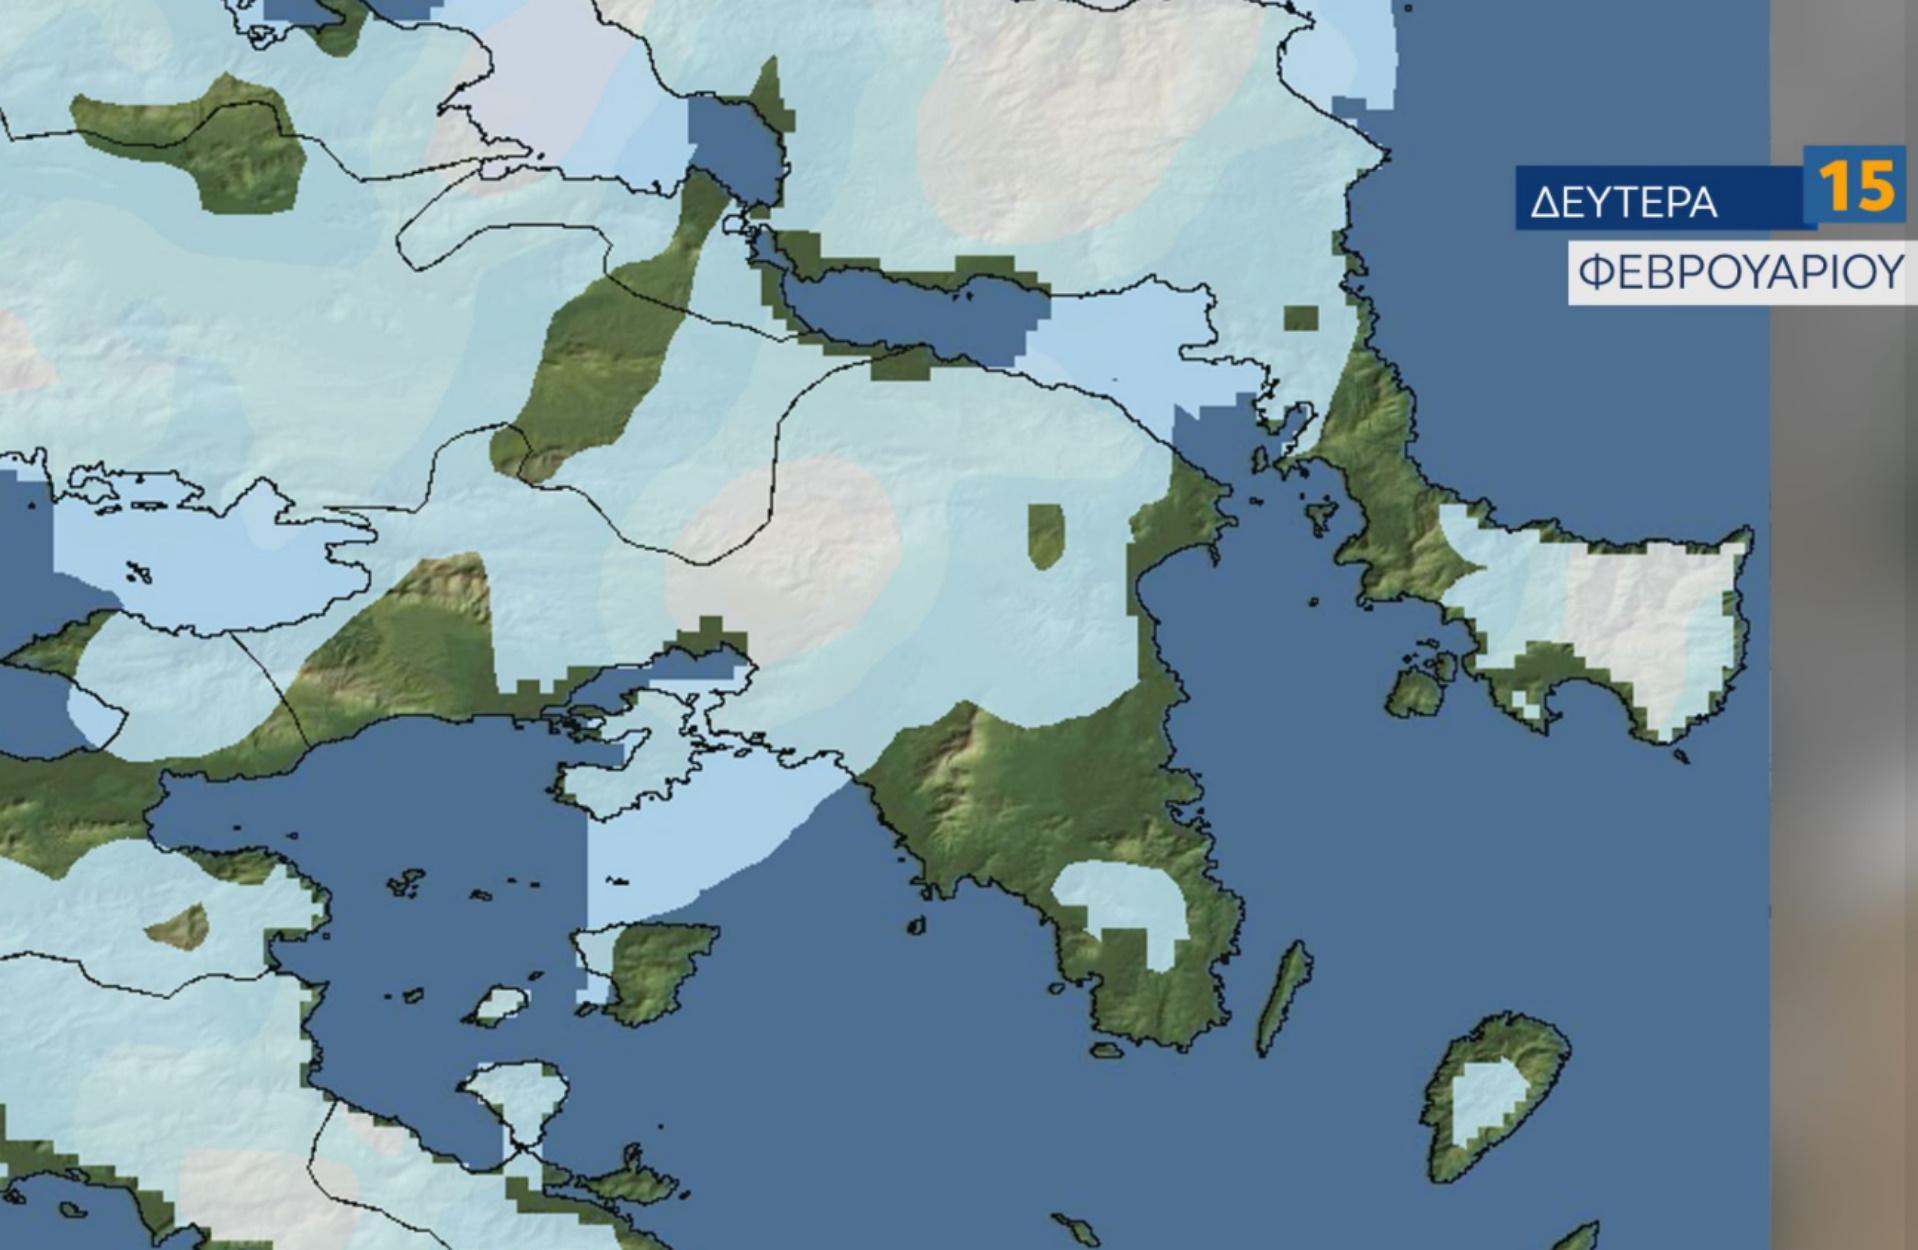 Καιρός – Μαρουσάκης: Πότε θα χιονίσει σε Αθήνα και Αττική – Τι δείχνουν οι χάρτες